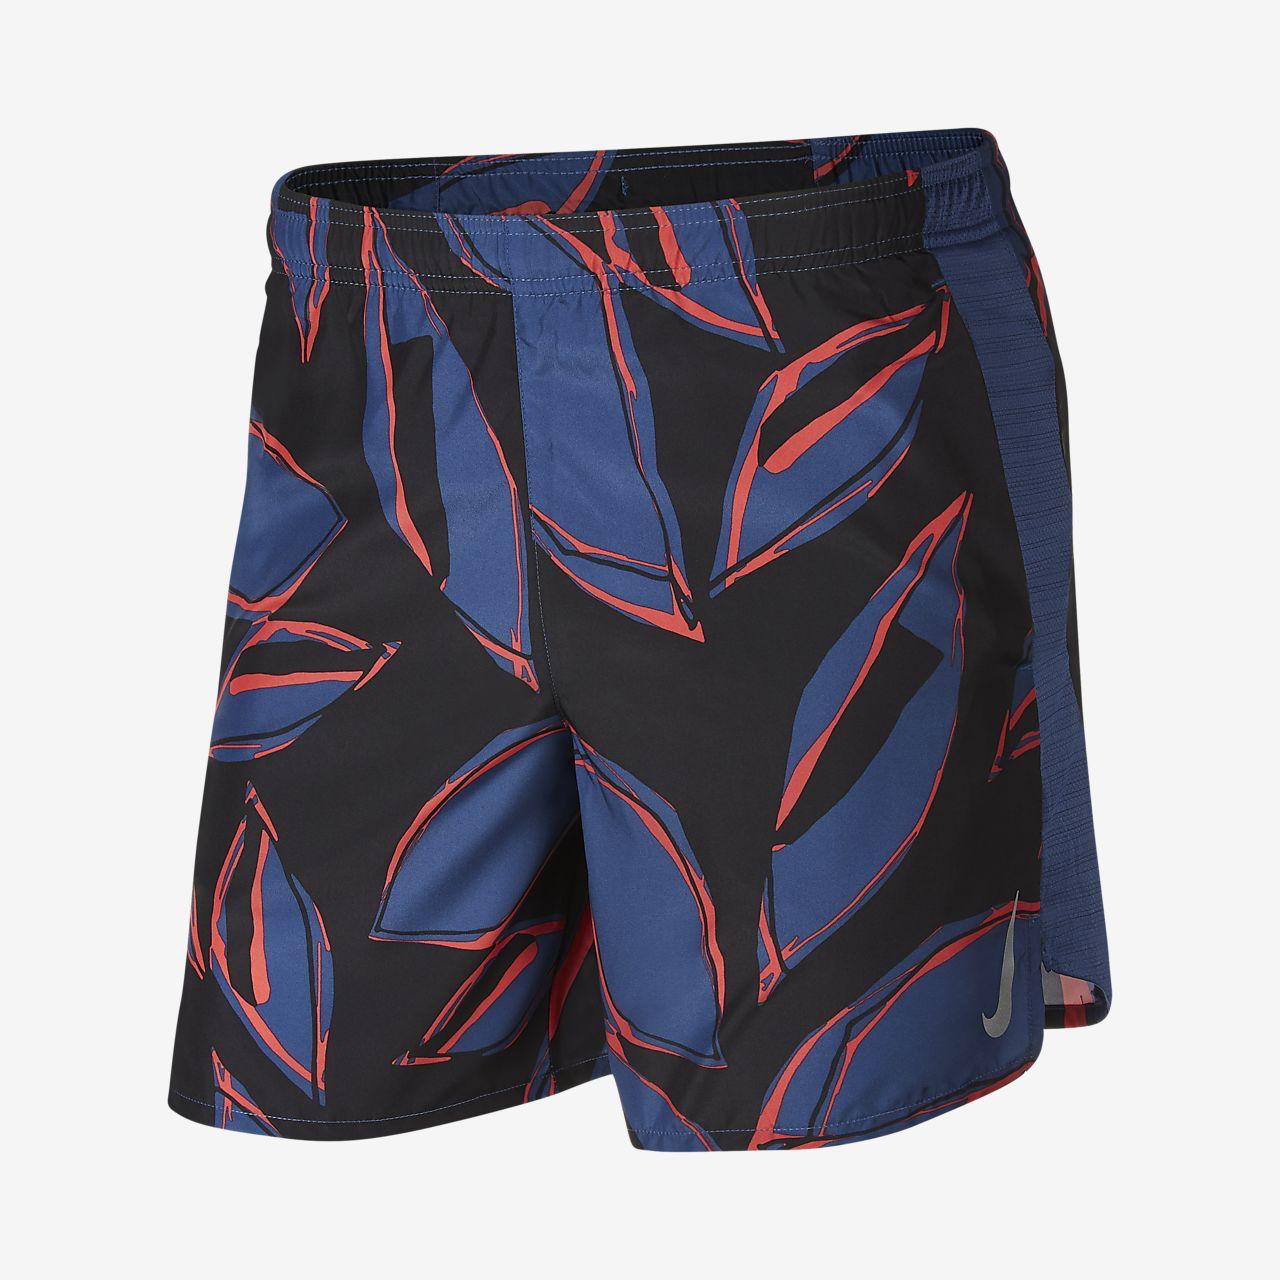 กางเกงวิ่งขาสั้น 7 นิ้วมีซับในผู้ชาย Nike Challenger